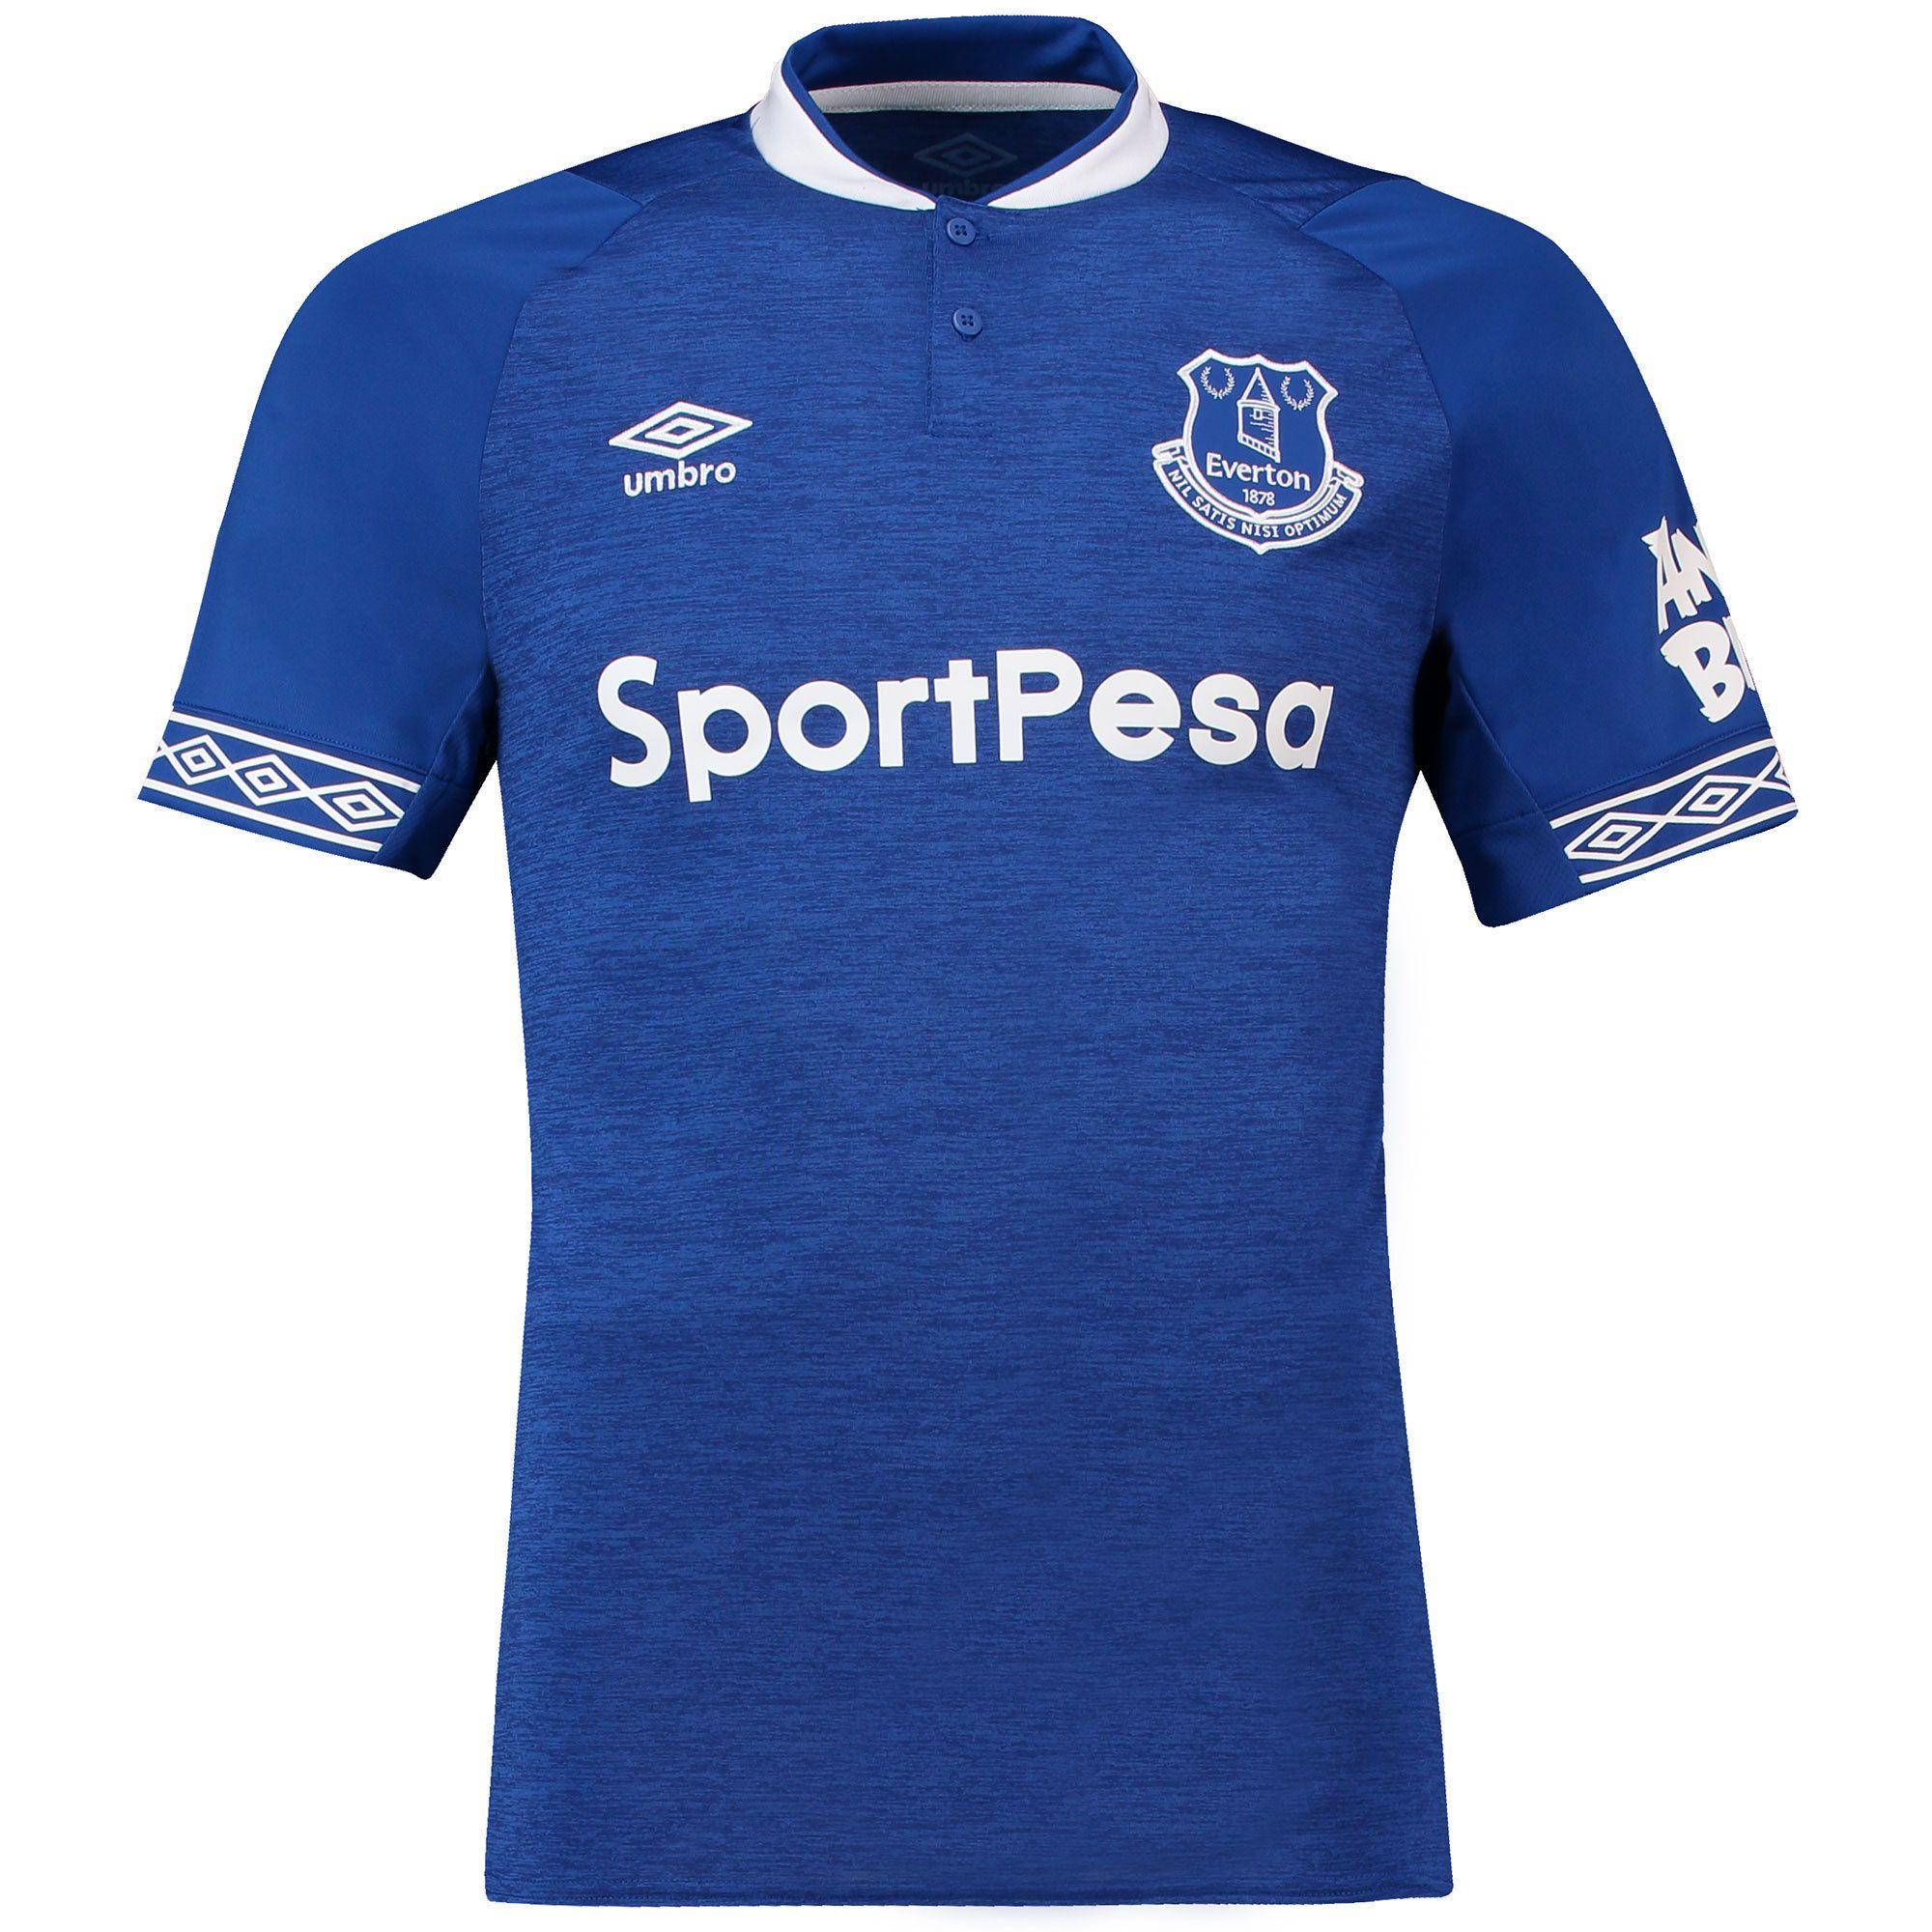 Os 85 Uniformes Mais Bonitos Do Mundo De Times E Seleções Camisas De Futebol Camisetas De Futebol Camisa De Futebol